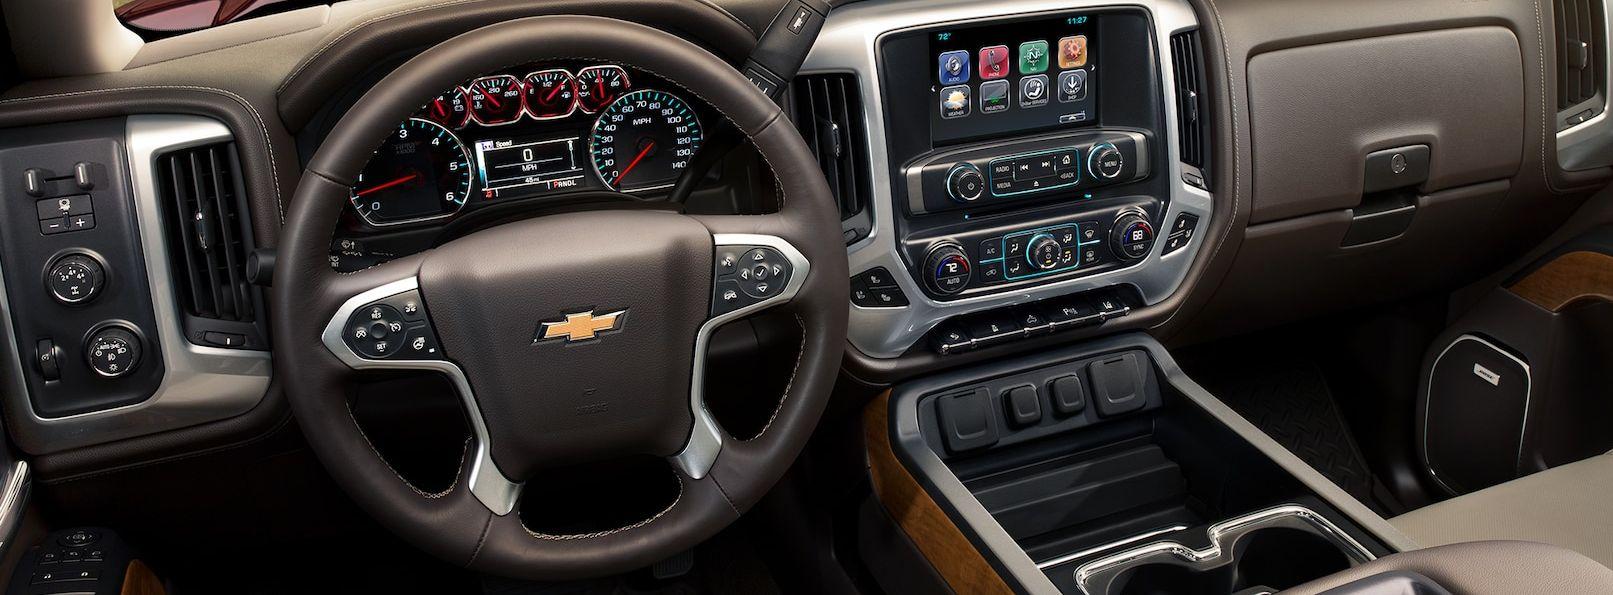 Enjoy the Ride in the 2018 Silverado 2500HD